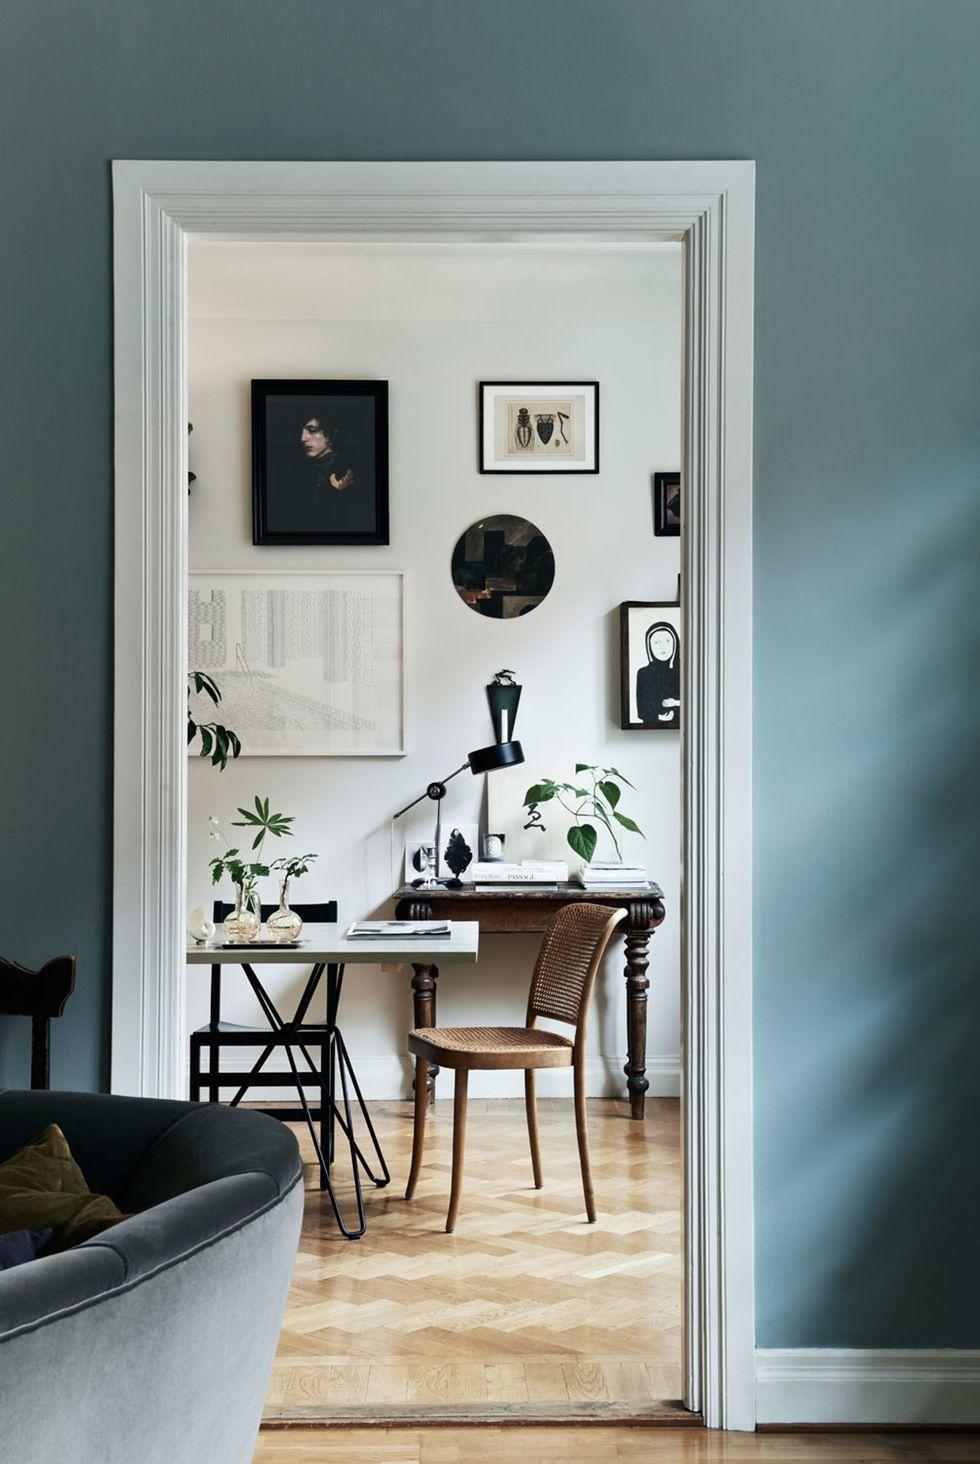 Vakker Og Avslappet Eleganse  Bobedreno  Home Style Pleasing House With No Dining Room Inspiration Design